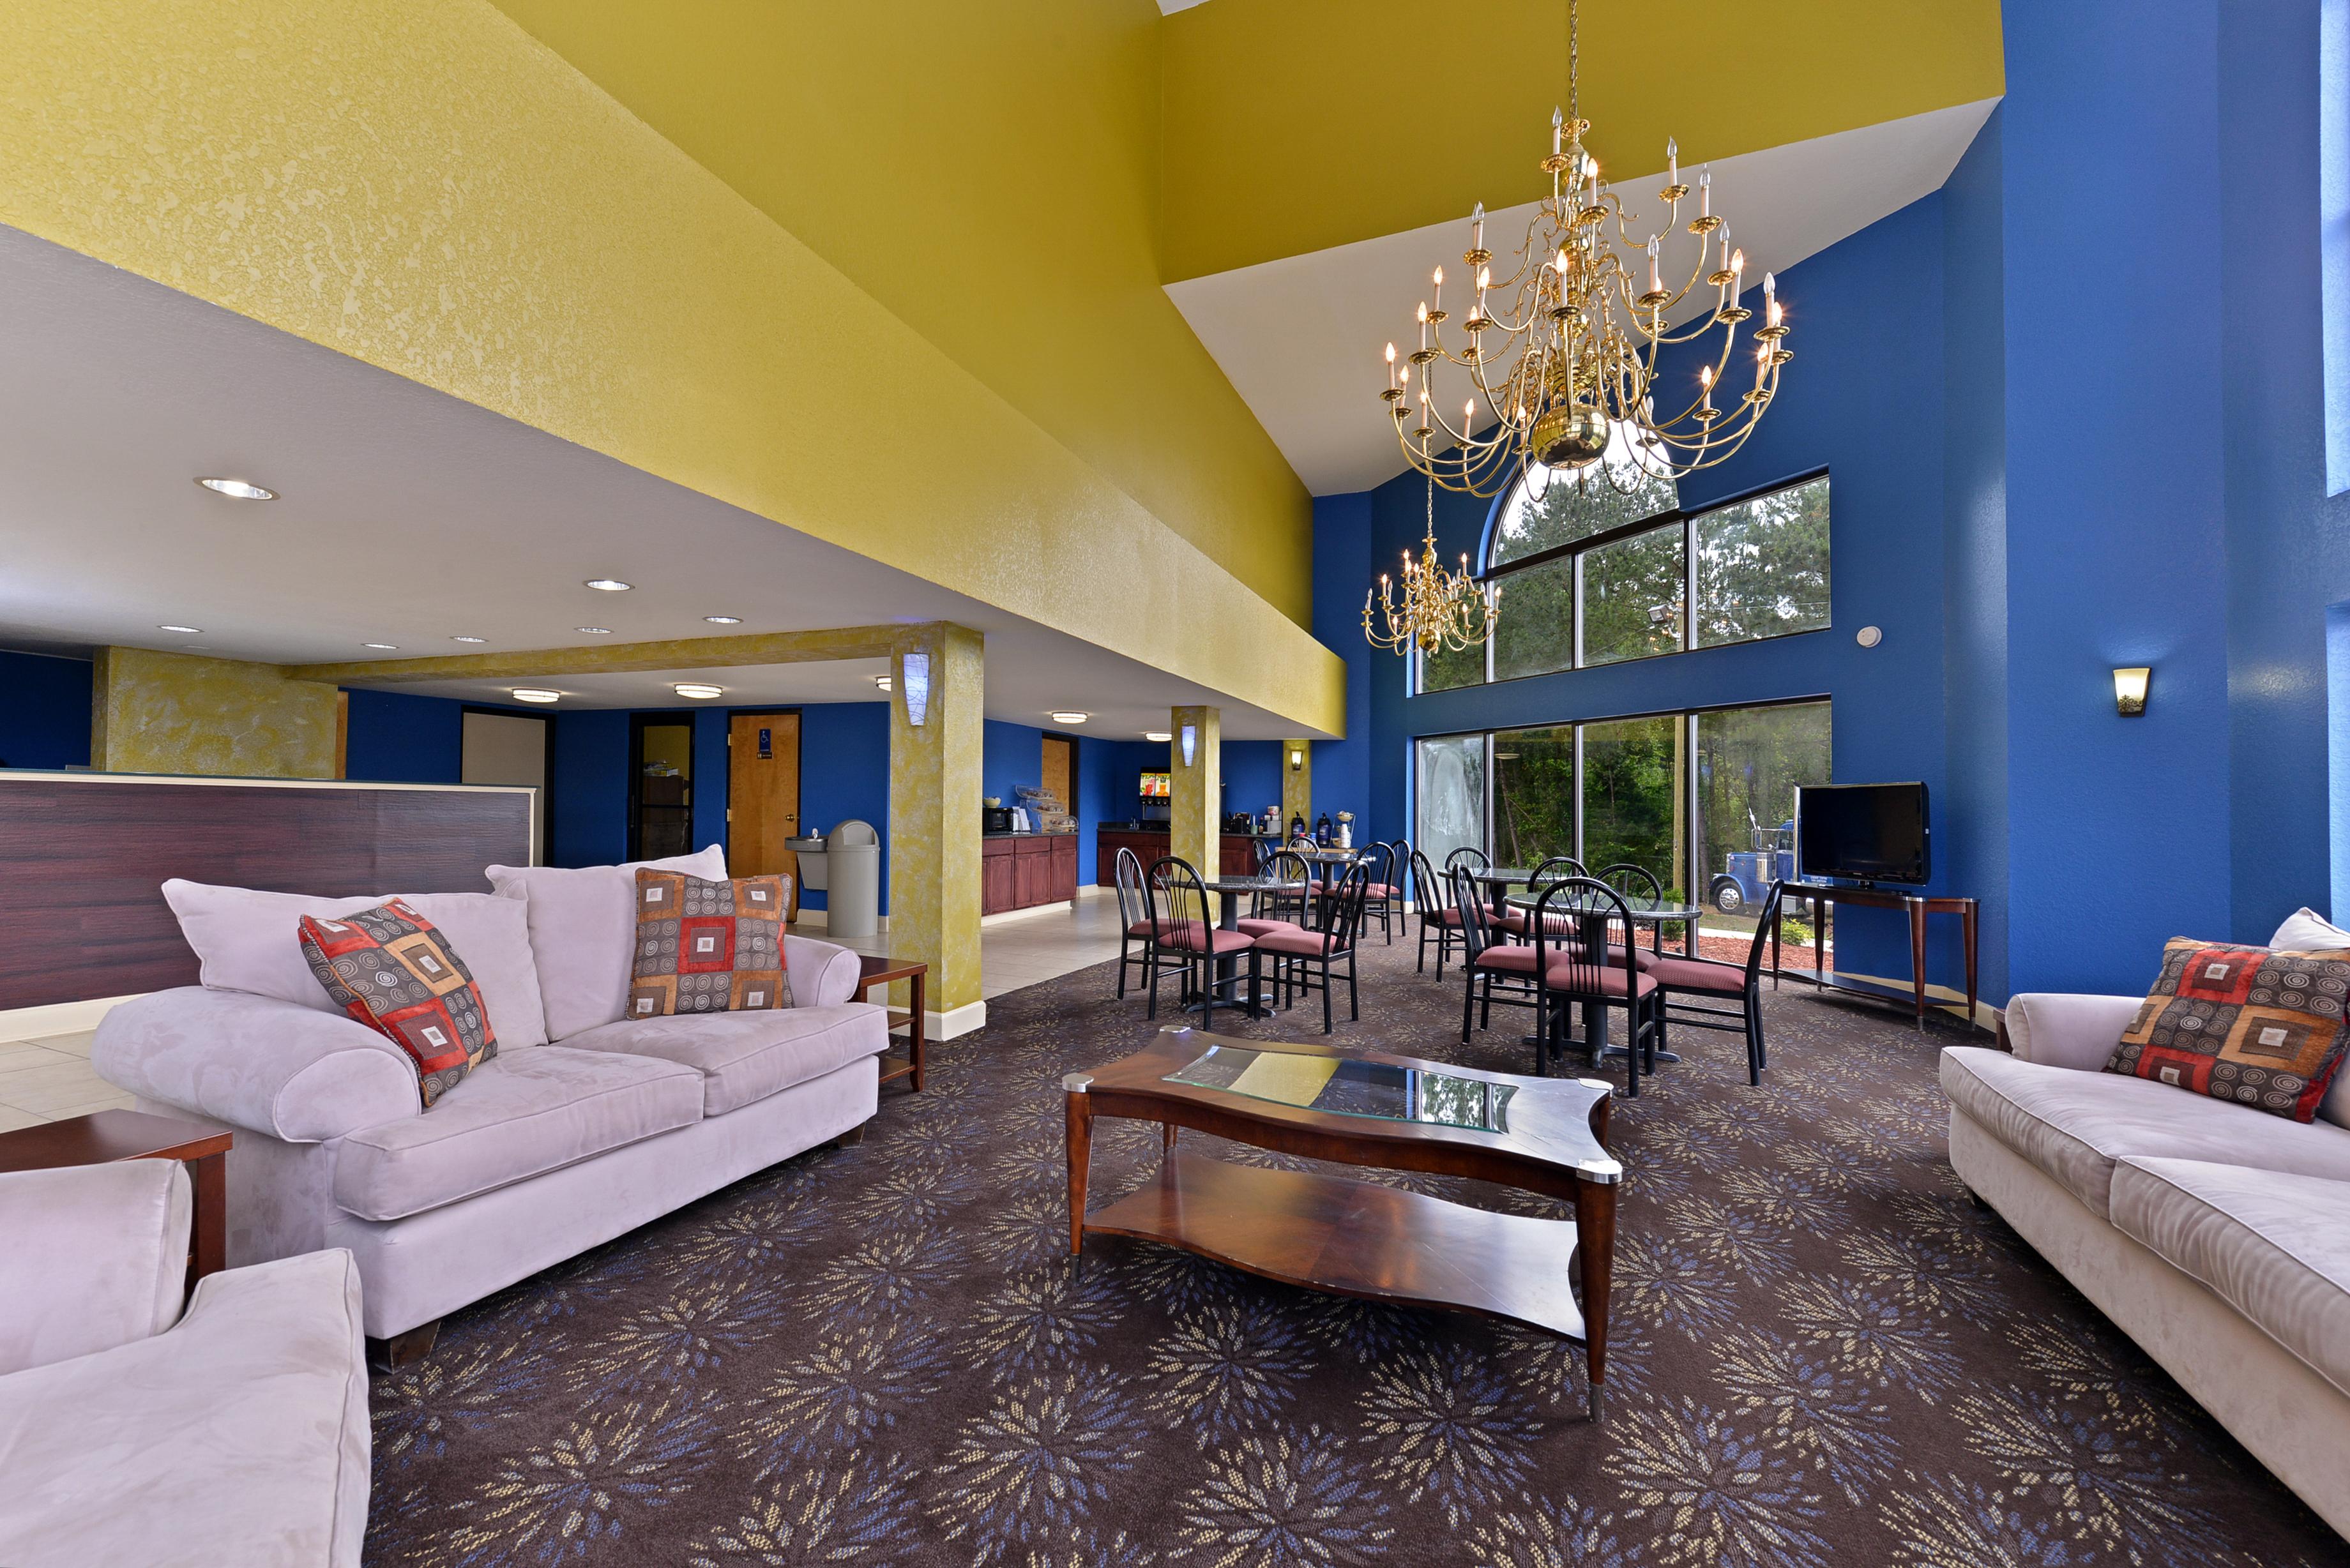 Lobby, America's Best Value Inn, Commerce, Georgia